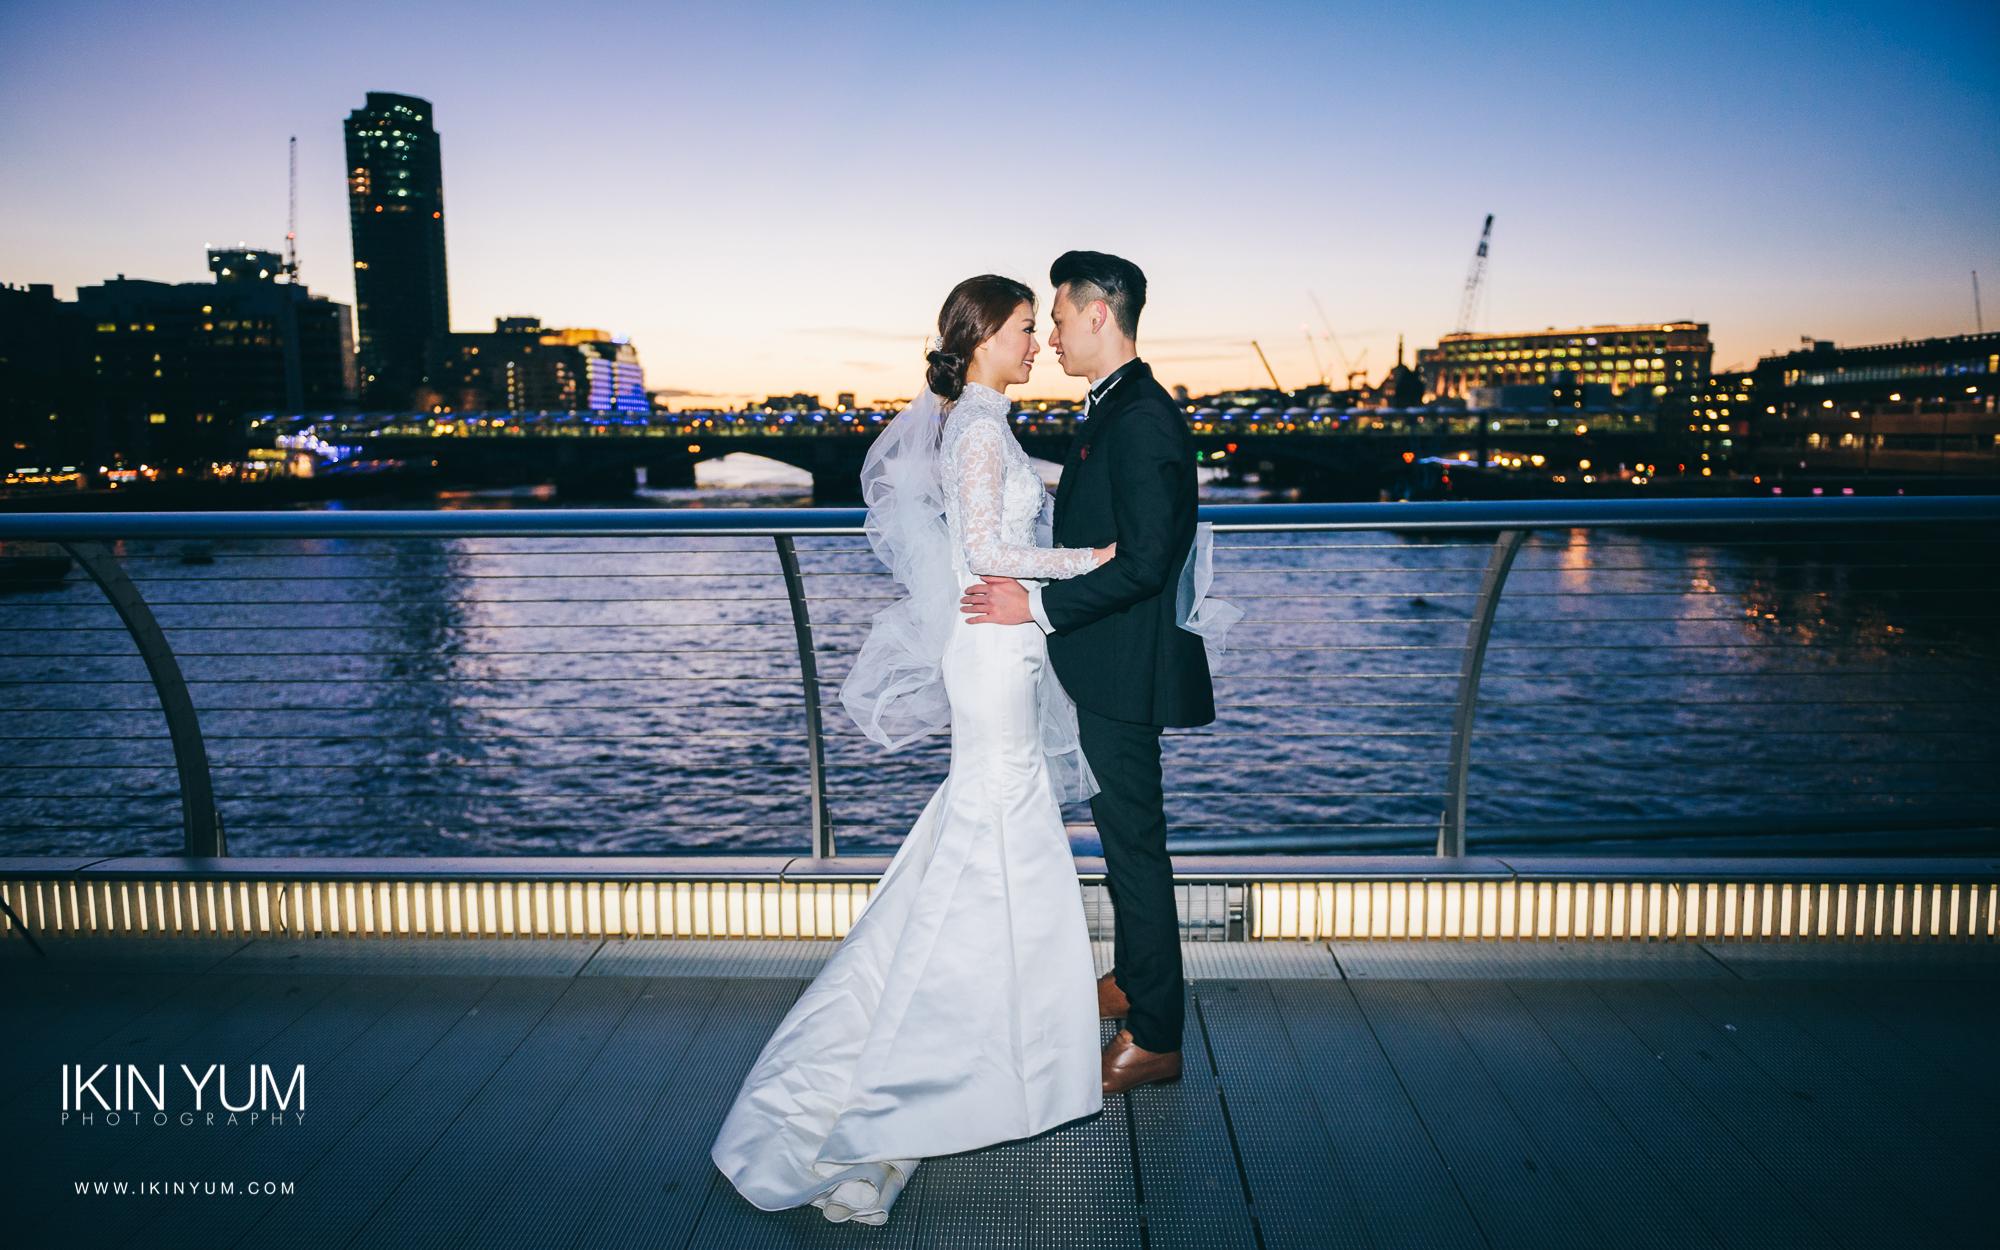 Pre-Wedding Shoot London Zann + Danny - Ikin Yum Photography-046.jpg